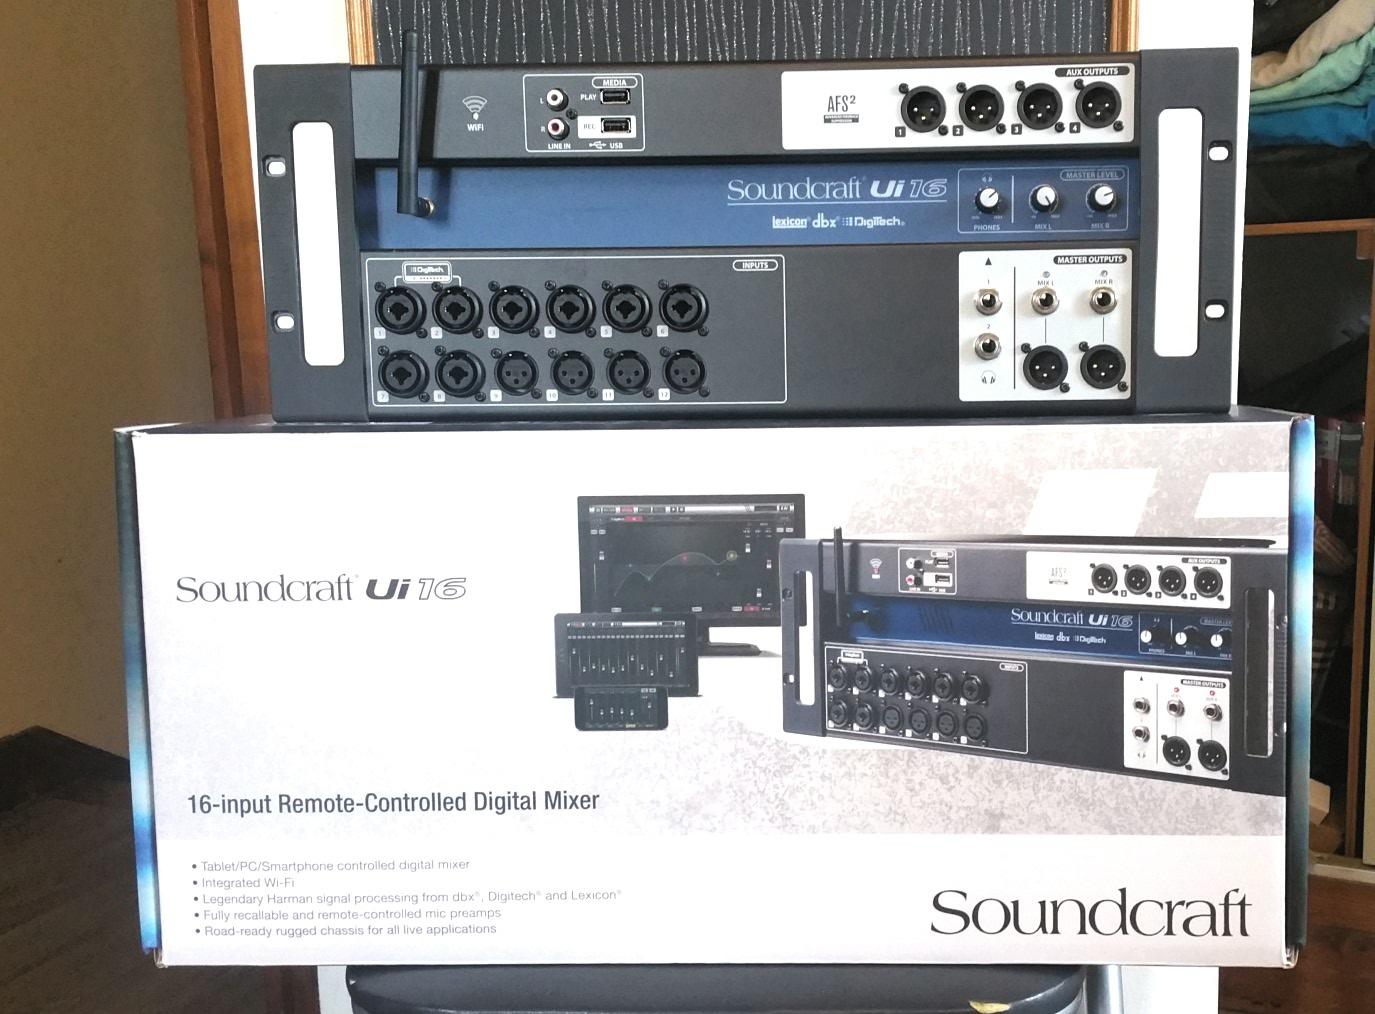 soundcraft ui review